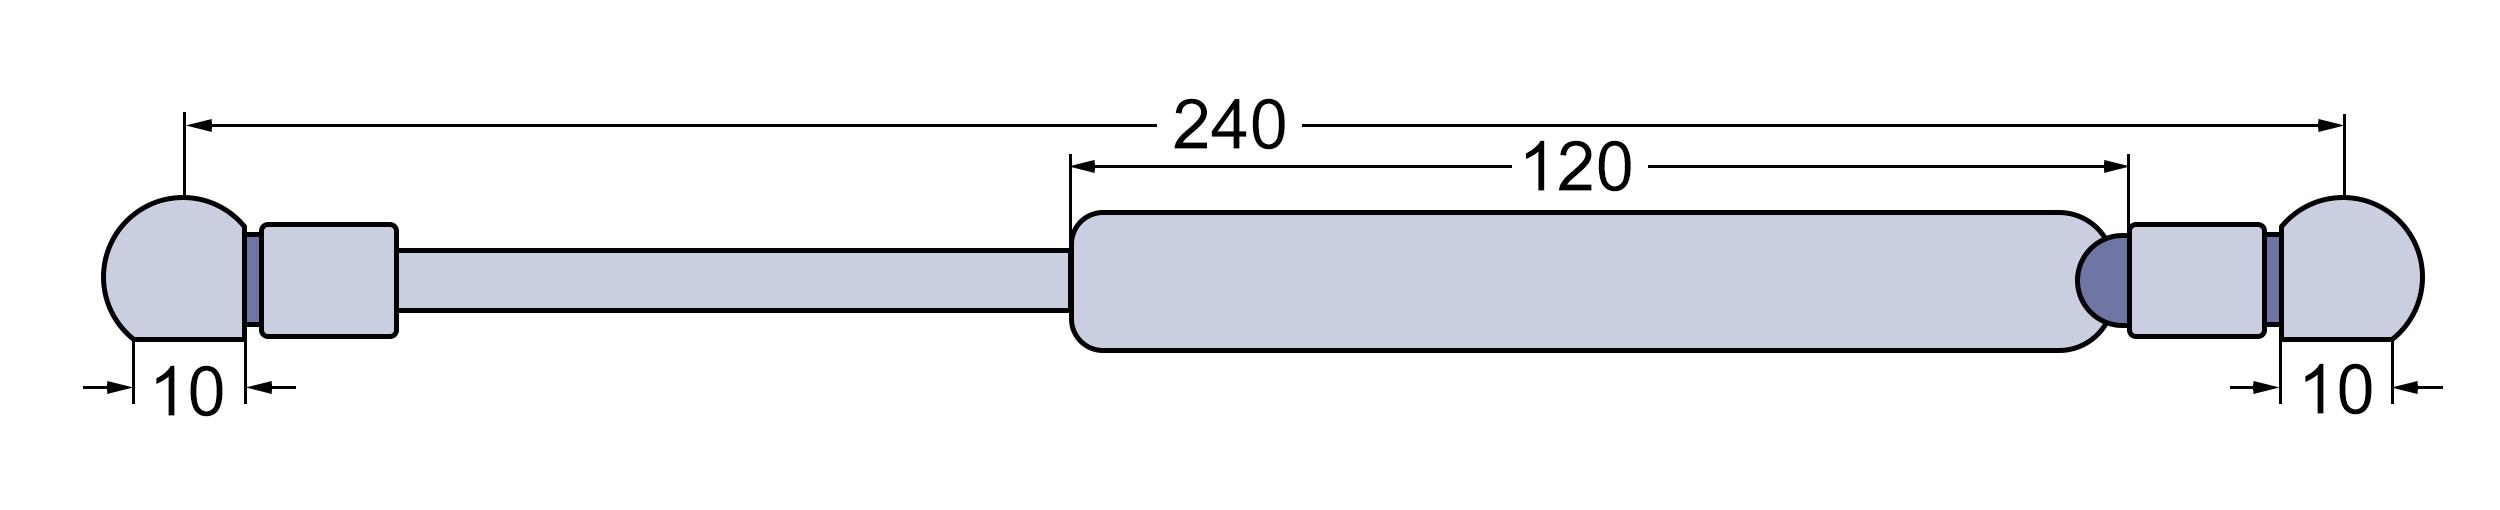 Gasdruckfeder Tür für Deutz Agrotron 4.70 4.80 4.85 4.90-6.45 80-260 04428681